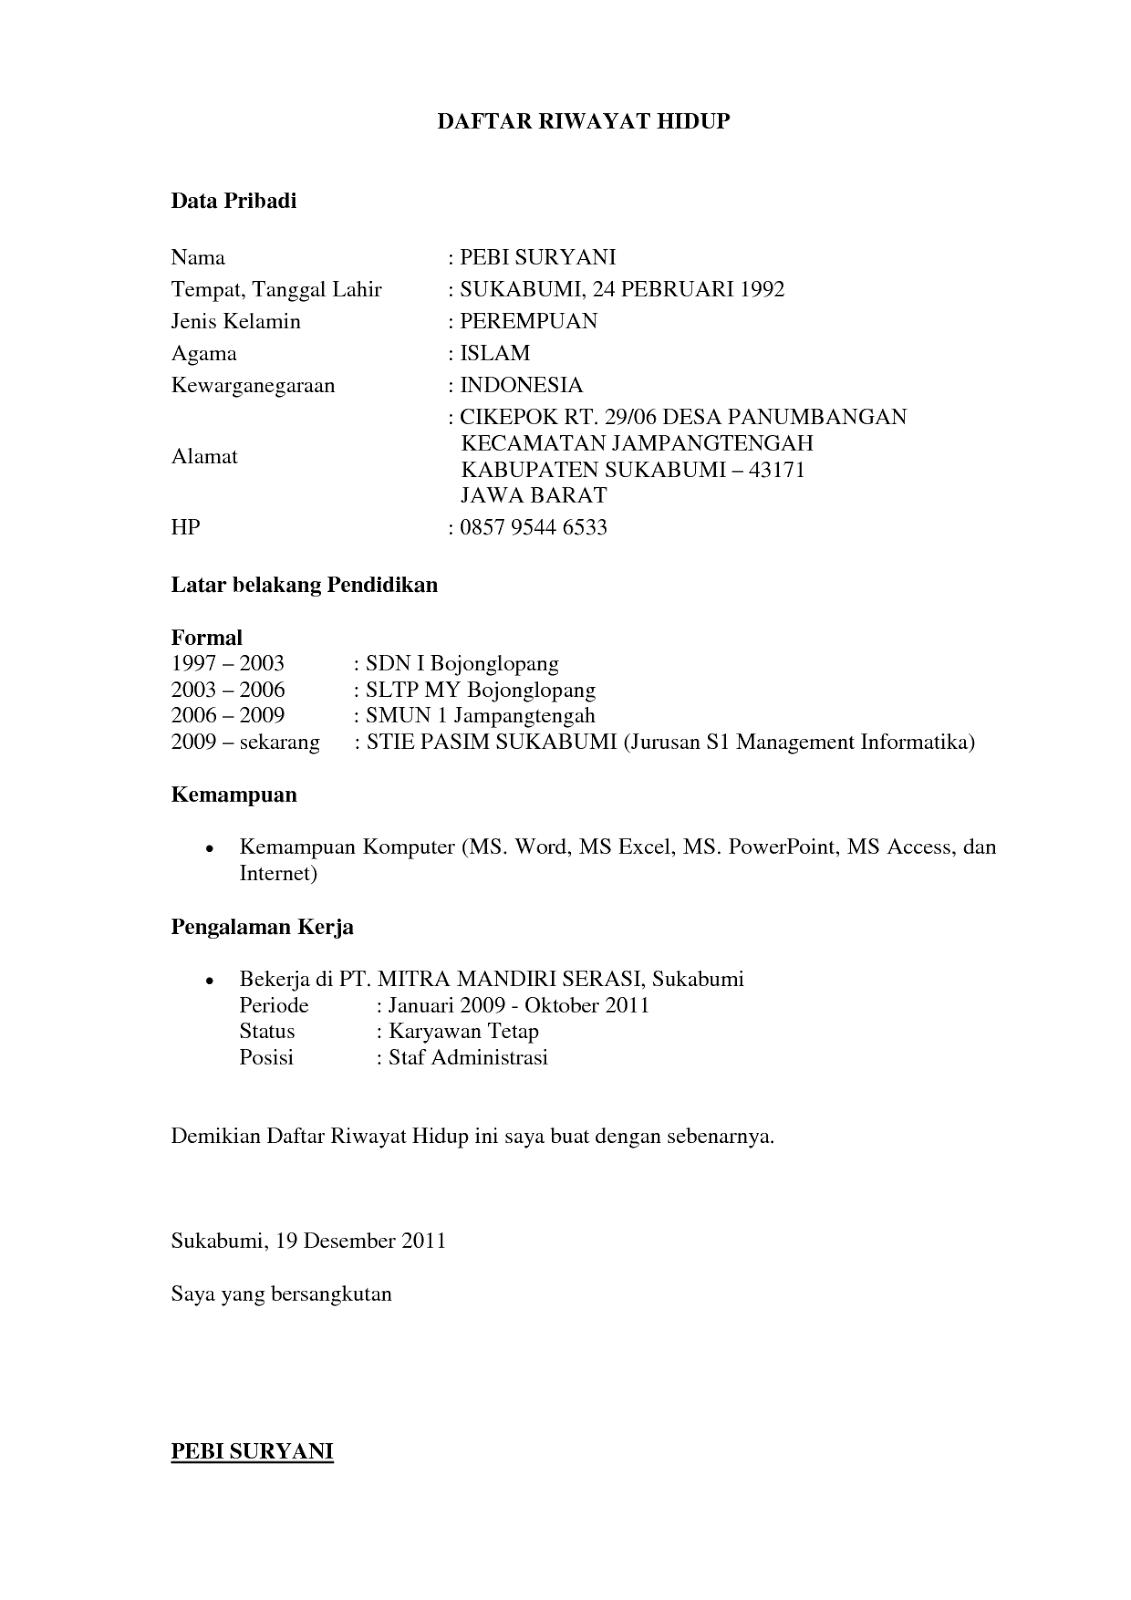 Contoh Daftar Riwayat Hidup Baru Lulus Sekolah Feed News Indonesia